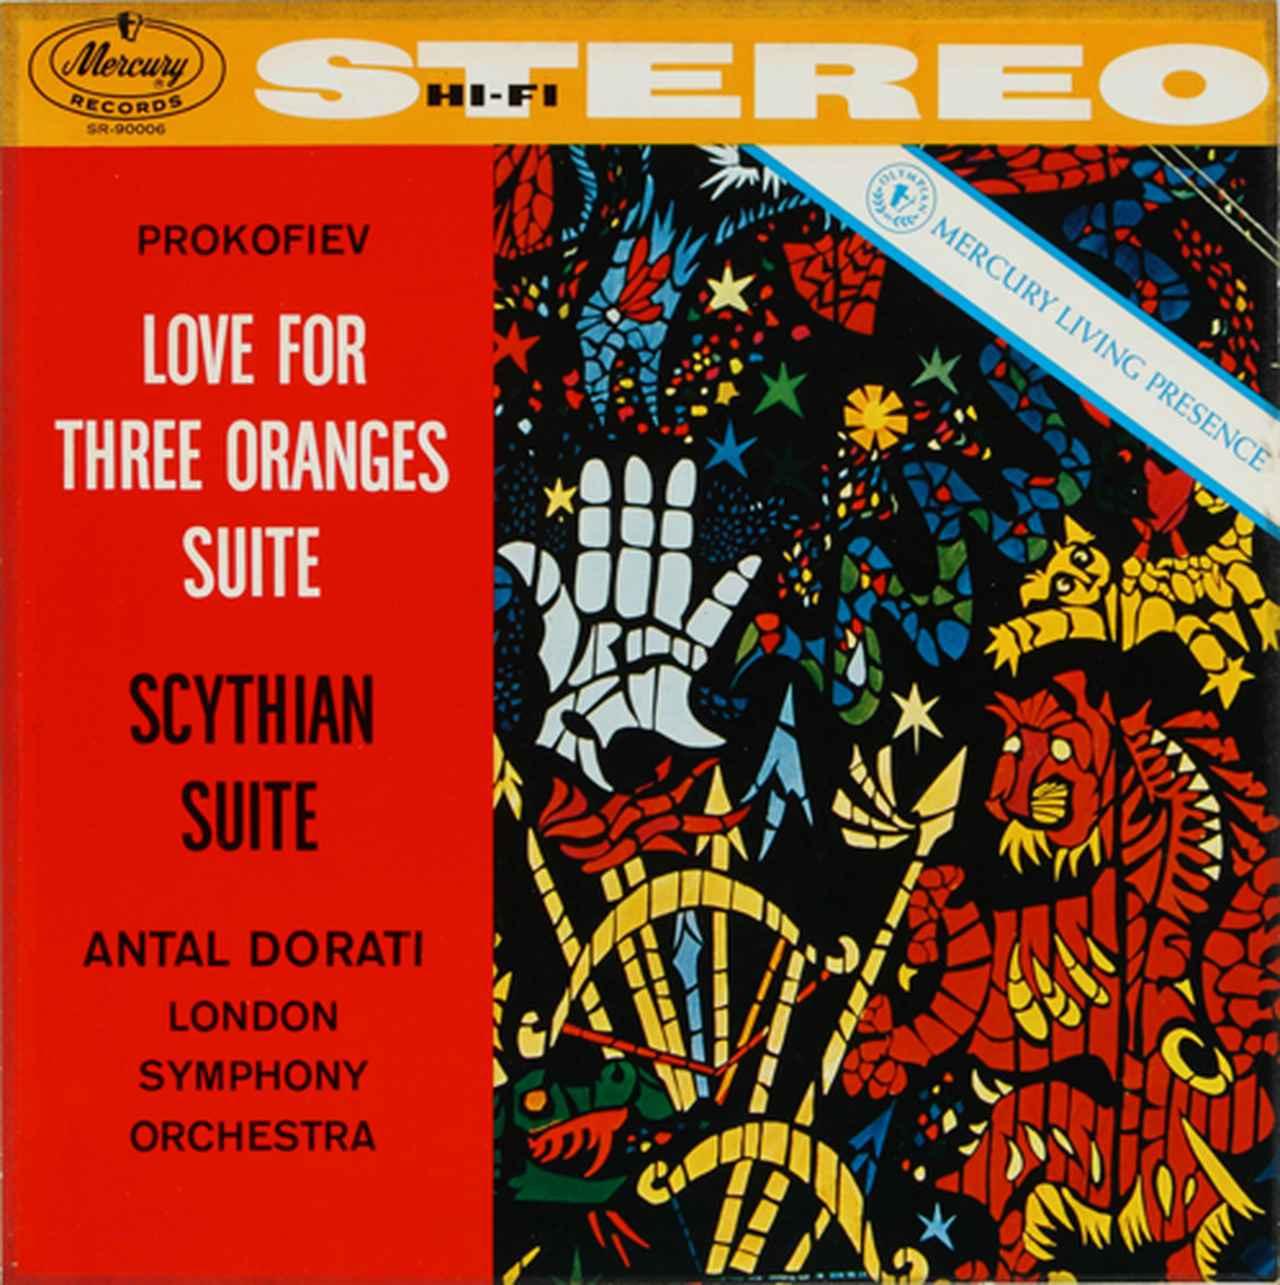 画像: プロコフィエフ:≪3つのオレンジへの恋≫組曲 スキタイ組曲 (SACD+CD・2枚組) SSHRS-041~042 ※予約商品・12月18日以降順次発送予定